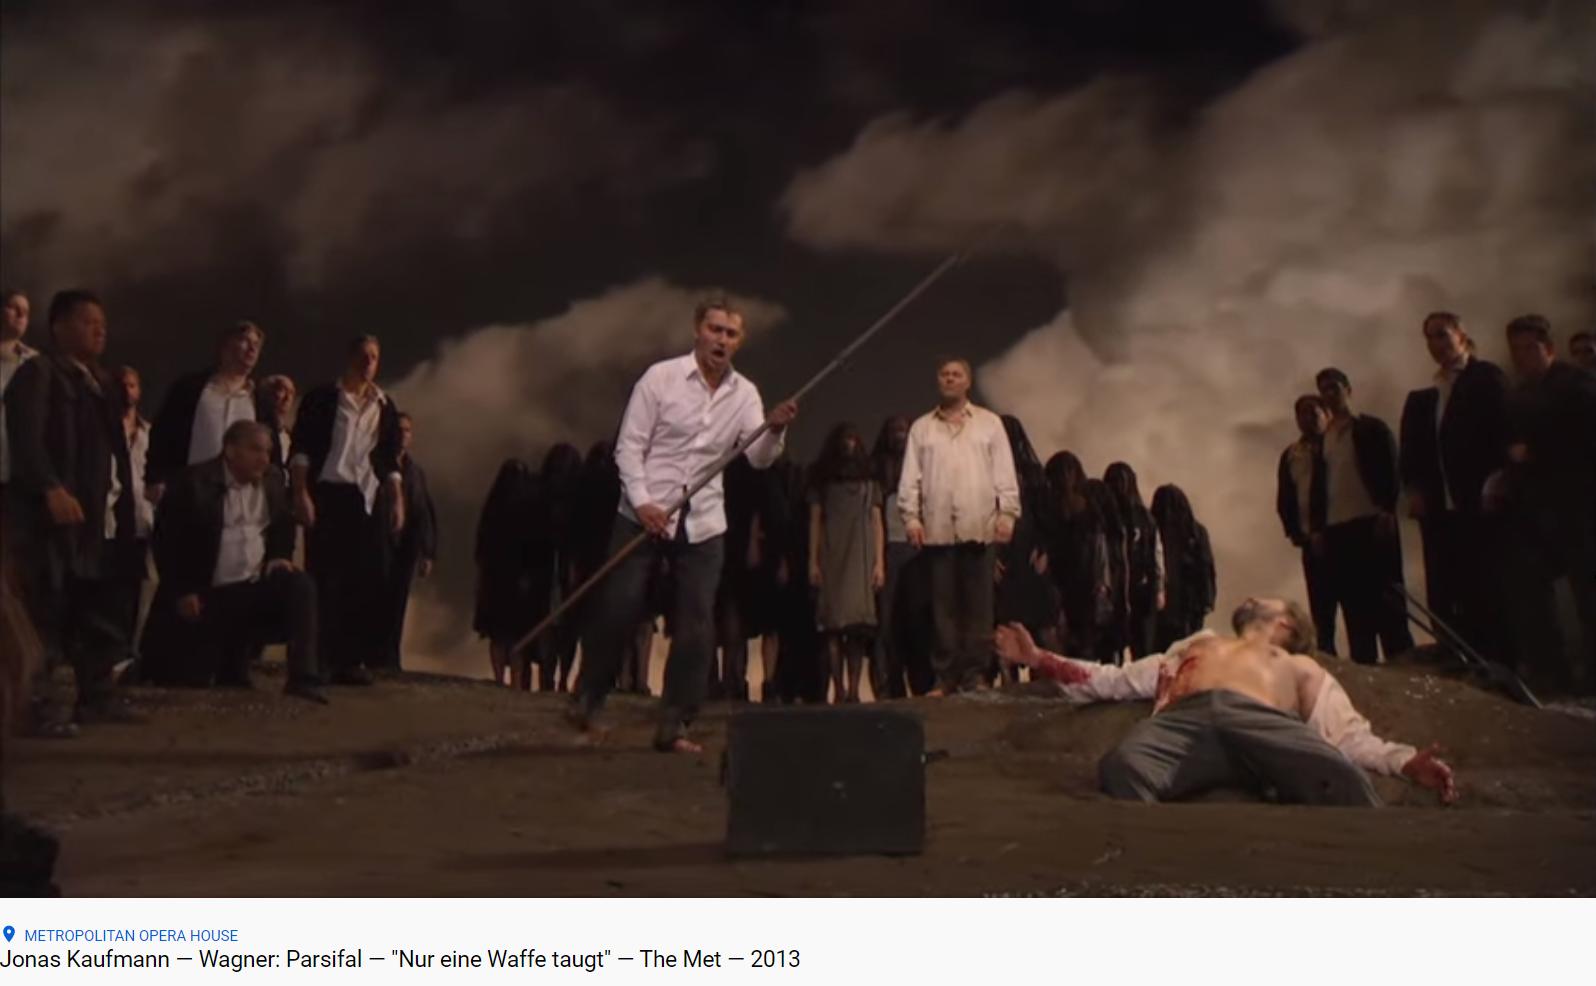 Wagner Parsifal Nur eine Waffe taugt (MET 2013)